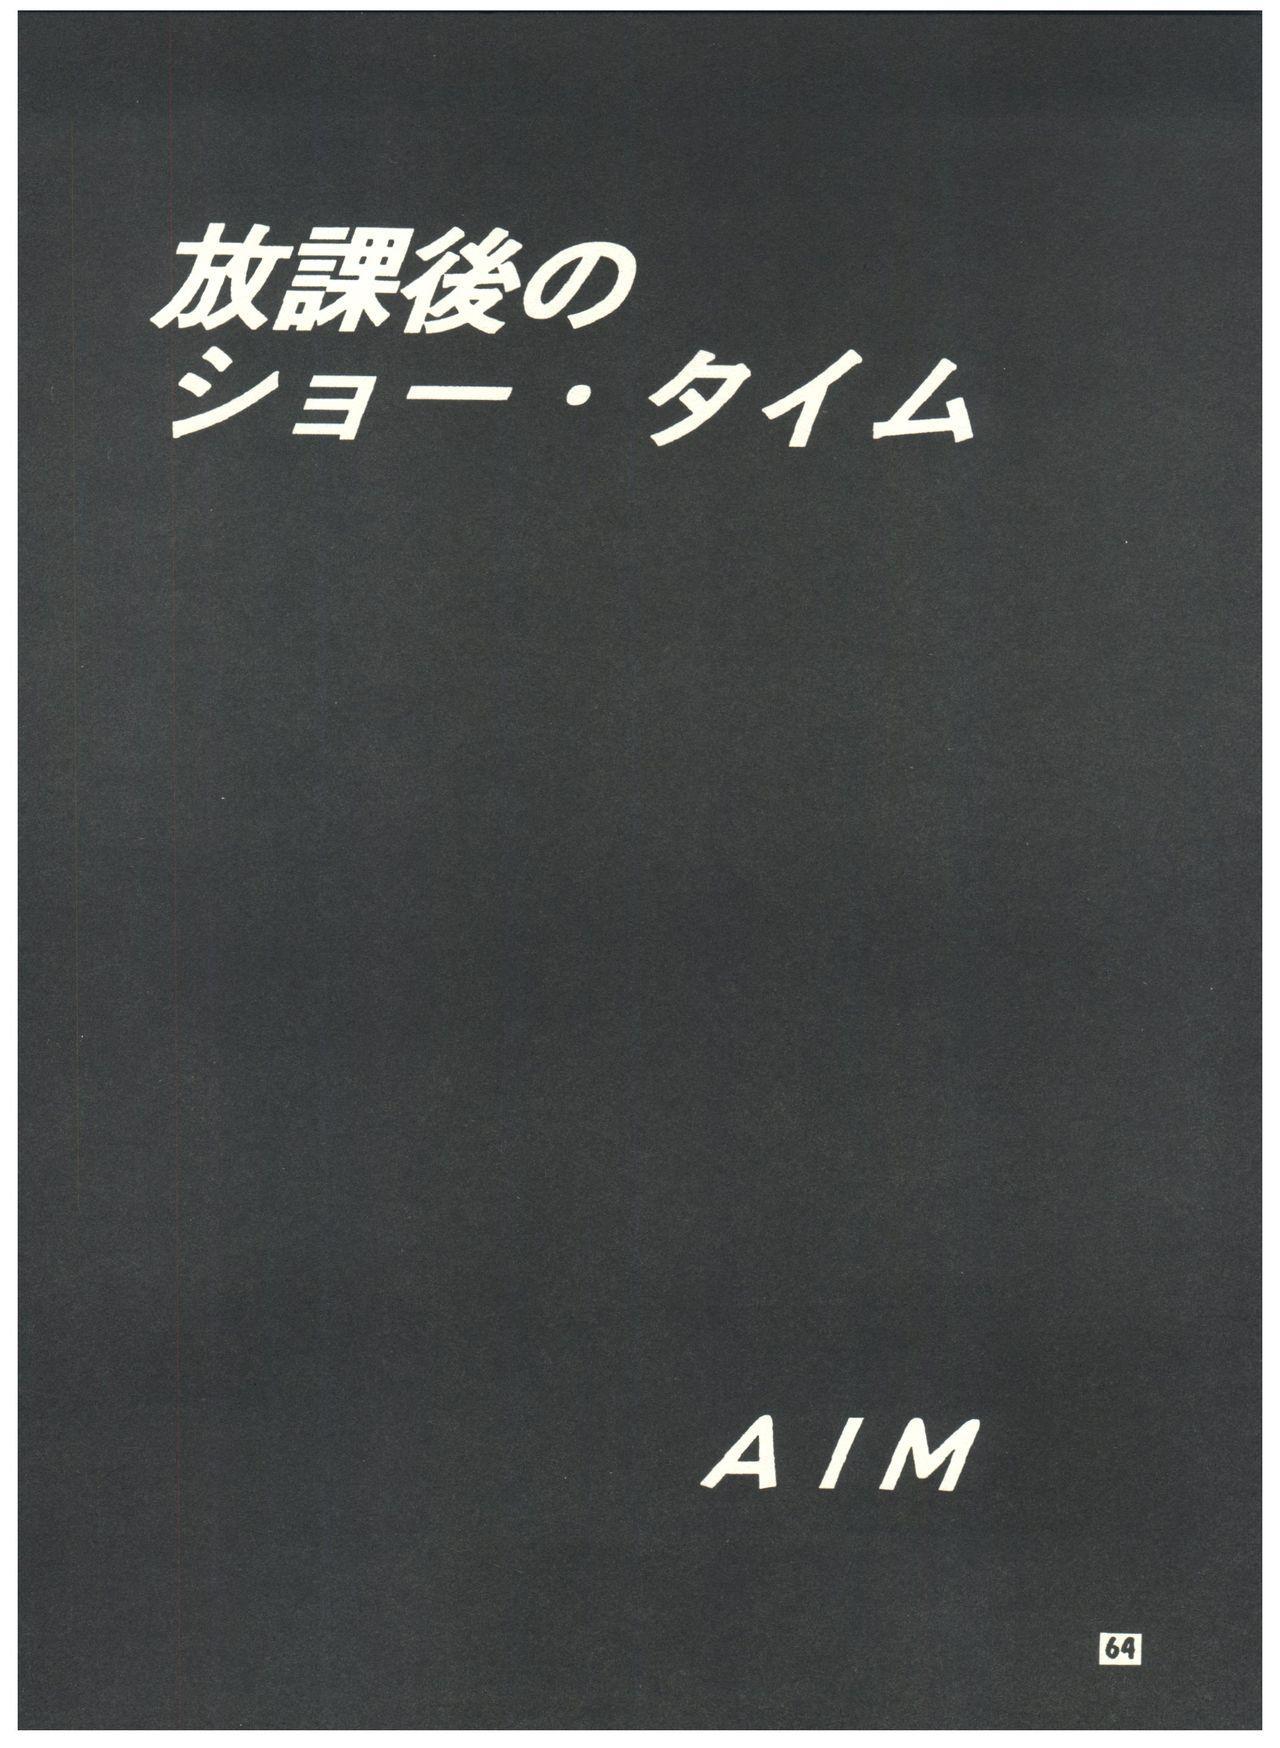 [Sairo Publishing (J. Sairo) En-Jack 2 (Various) 63